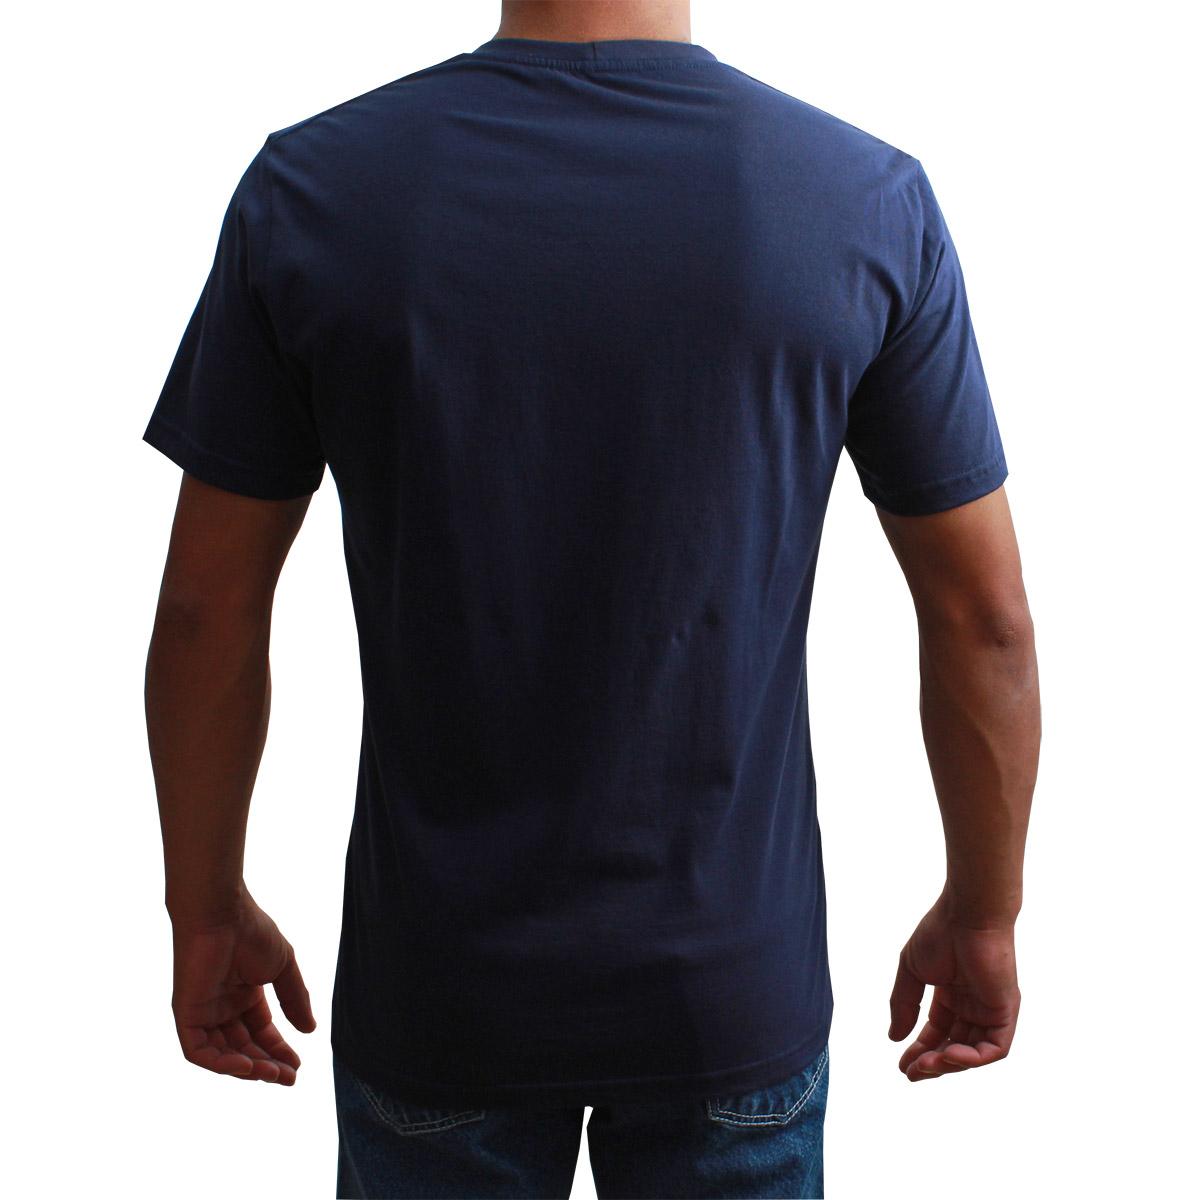 Camiseta Indian Farm Masculina Azul Marinho Clothing Brand